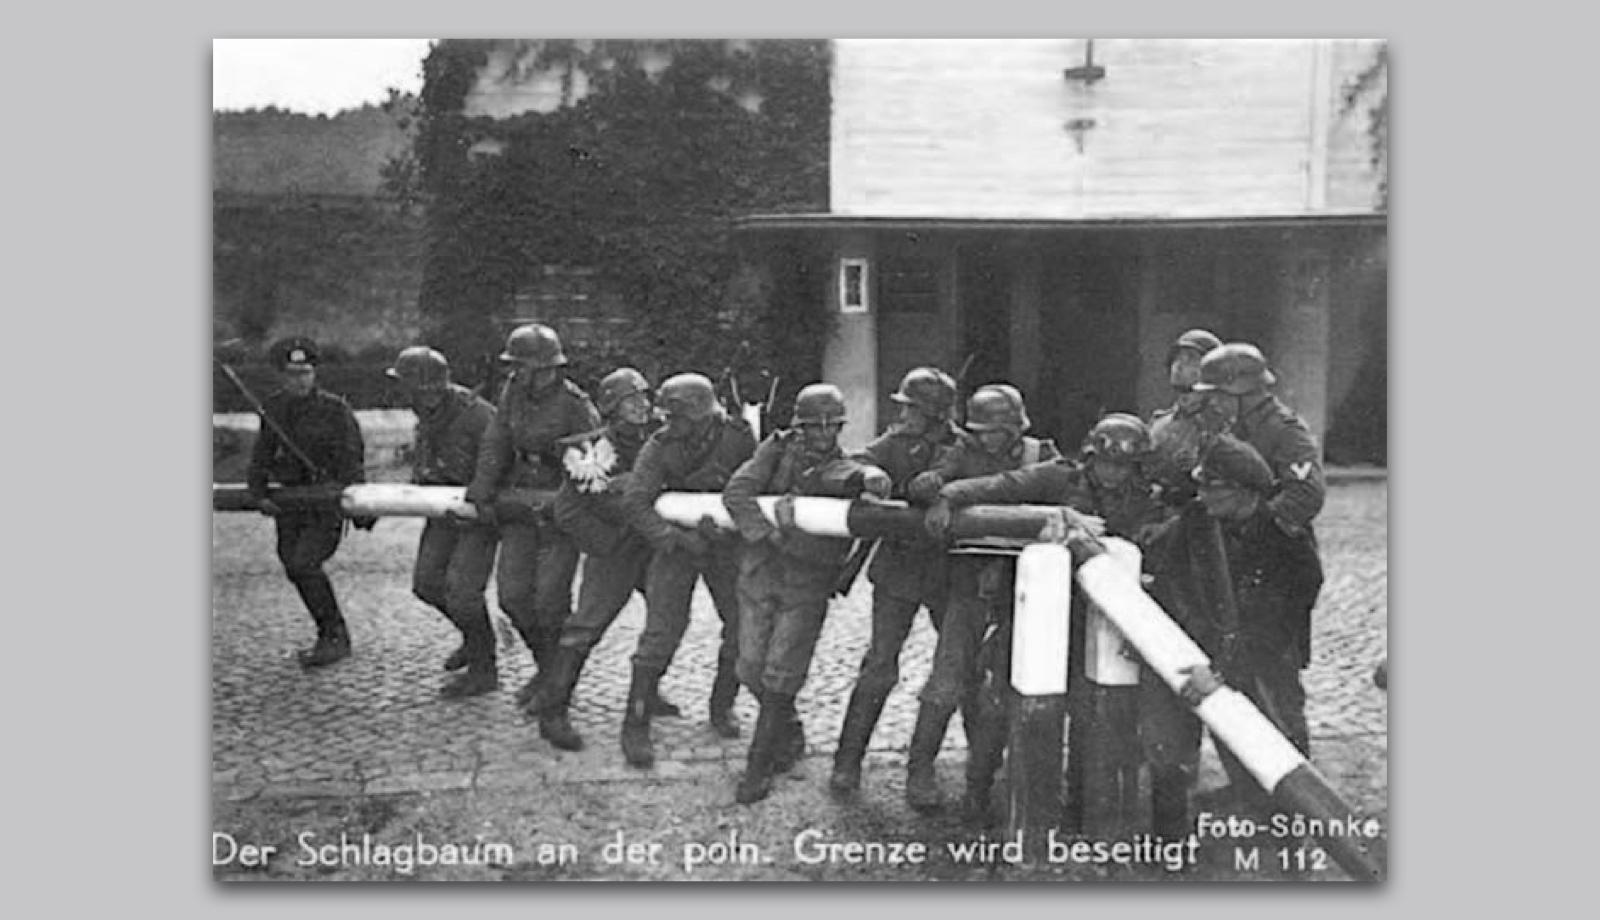 Publikation505_ReneSpitz-Designkritik_WDR3-Mosaik_Bilder der NS-Diktatur